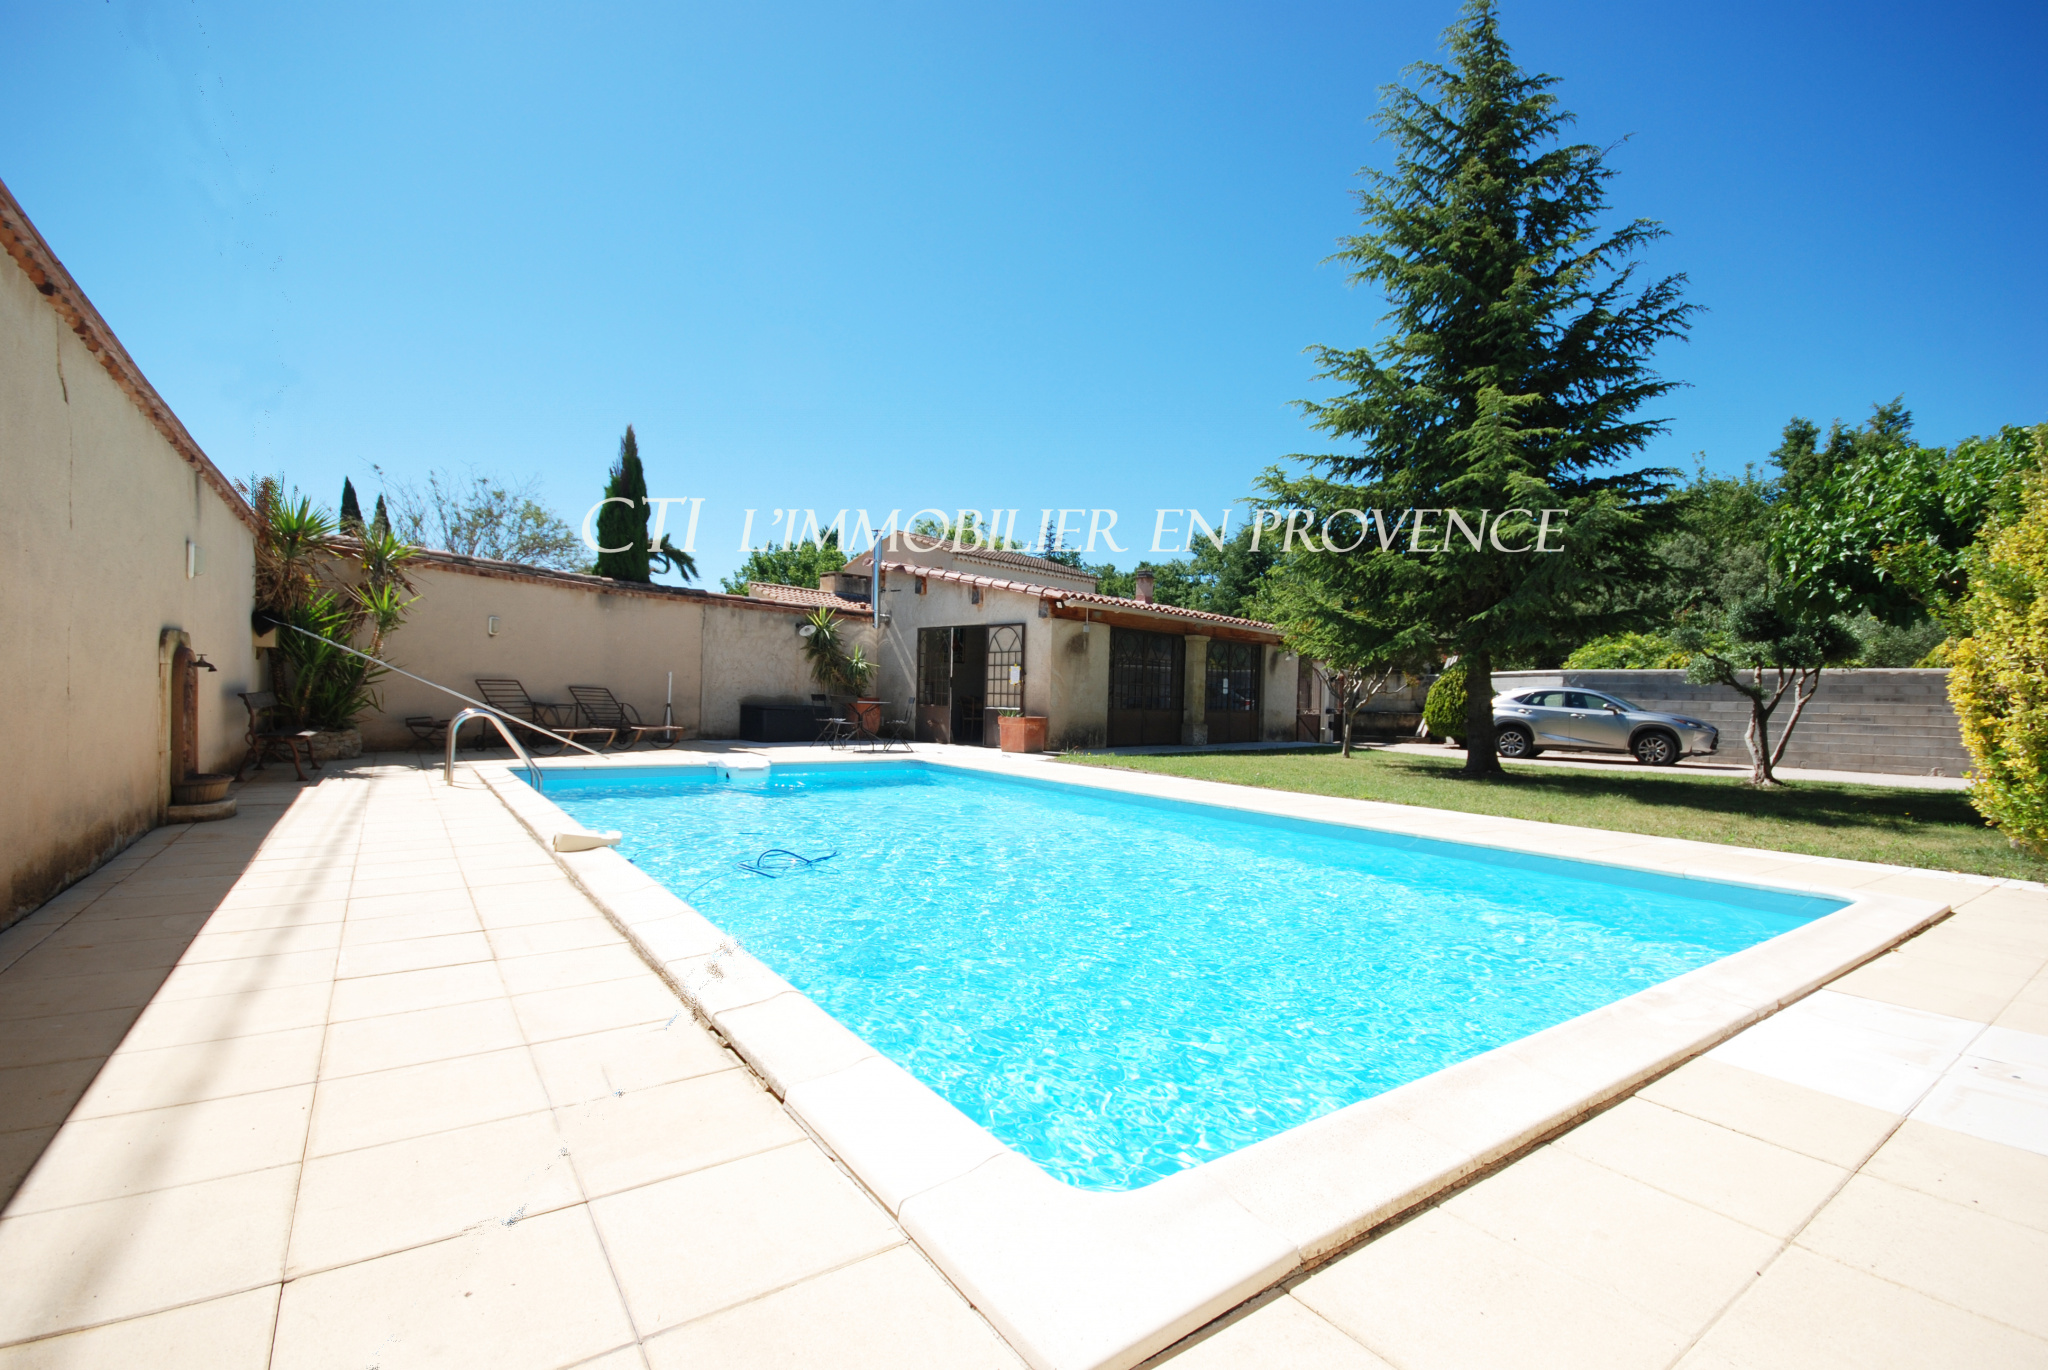 0 www.cti-provence.net A VENDRE CHARMANT MAZET EN PIERRE AVEC PISCINE, jardin clos